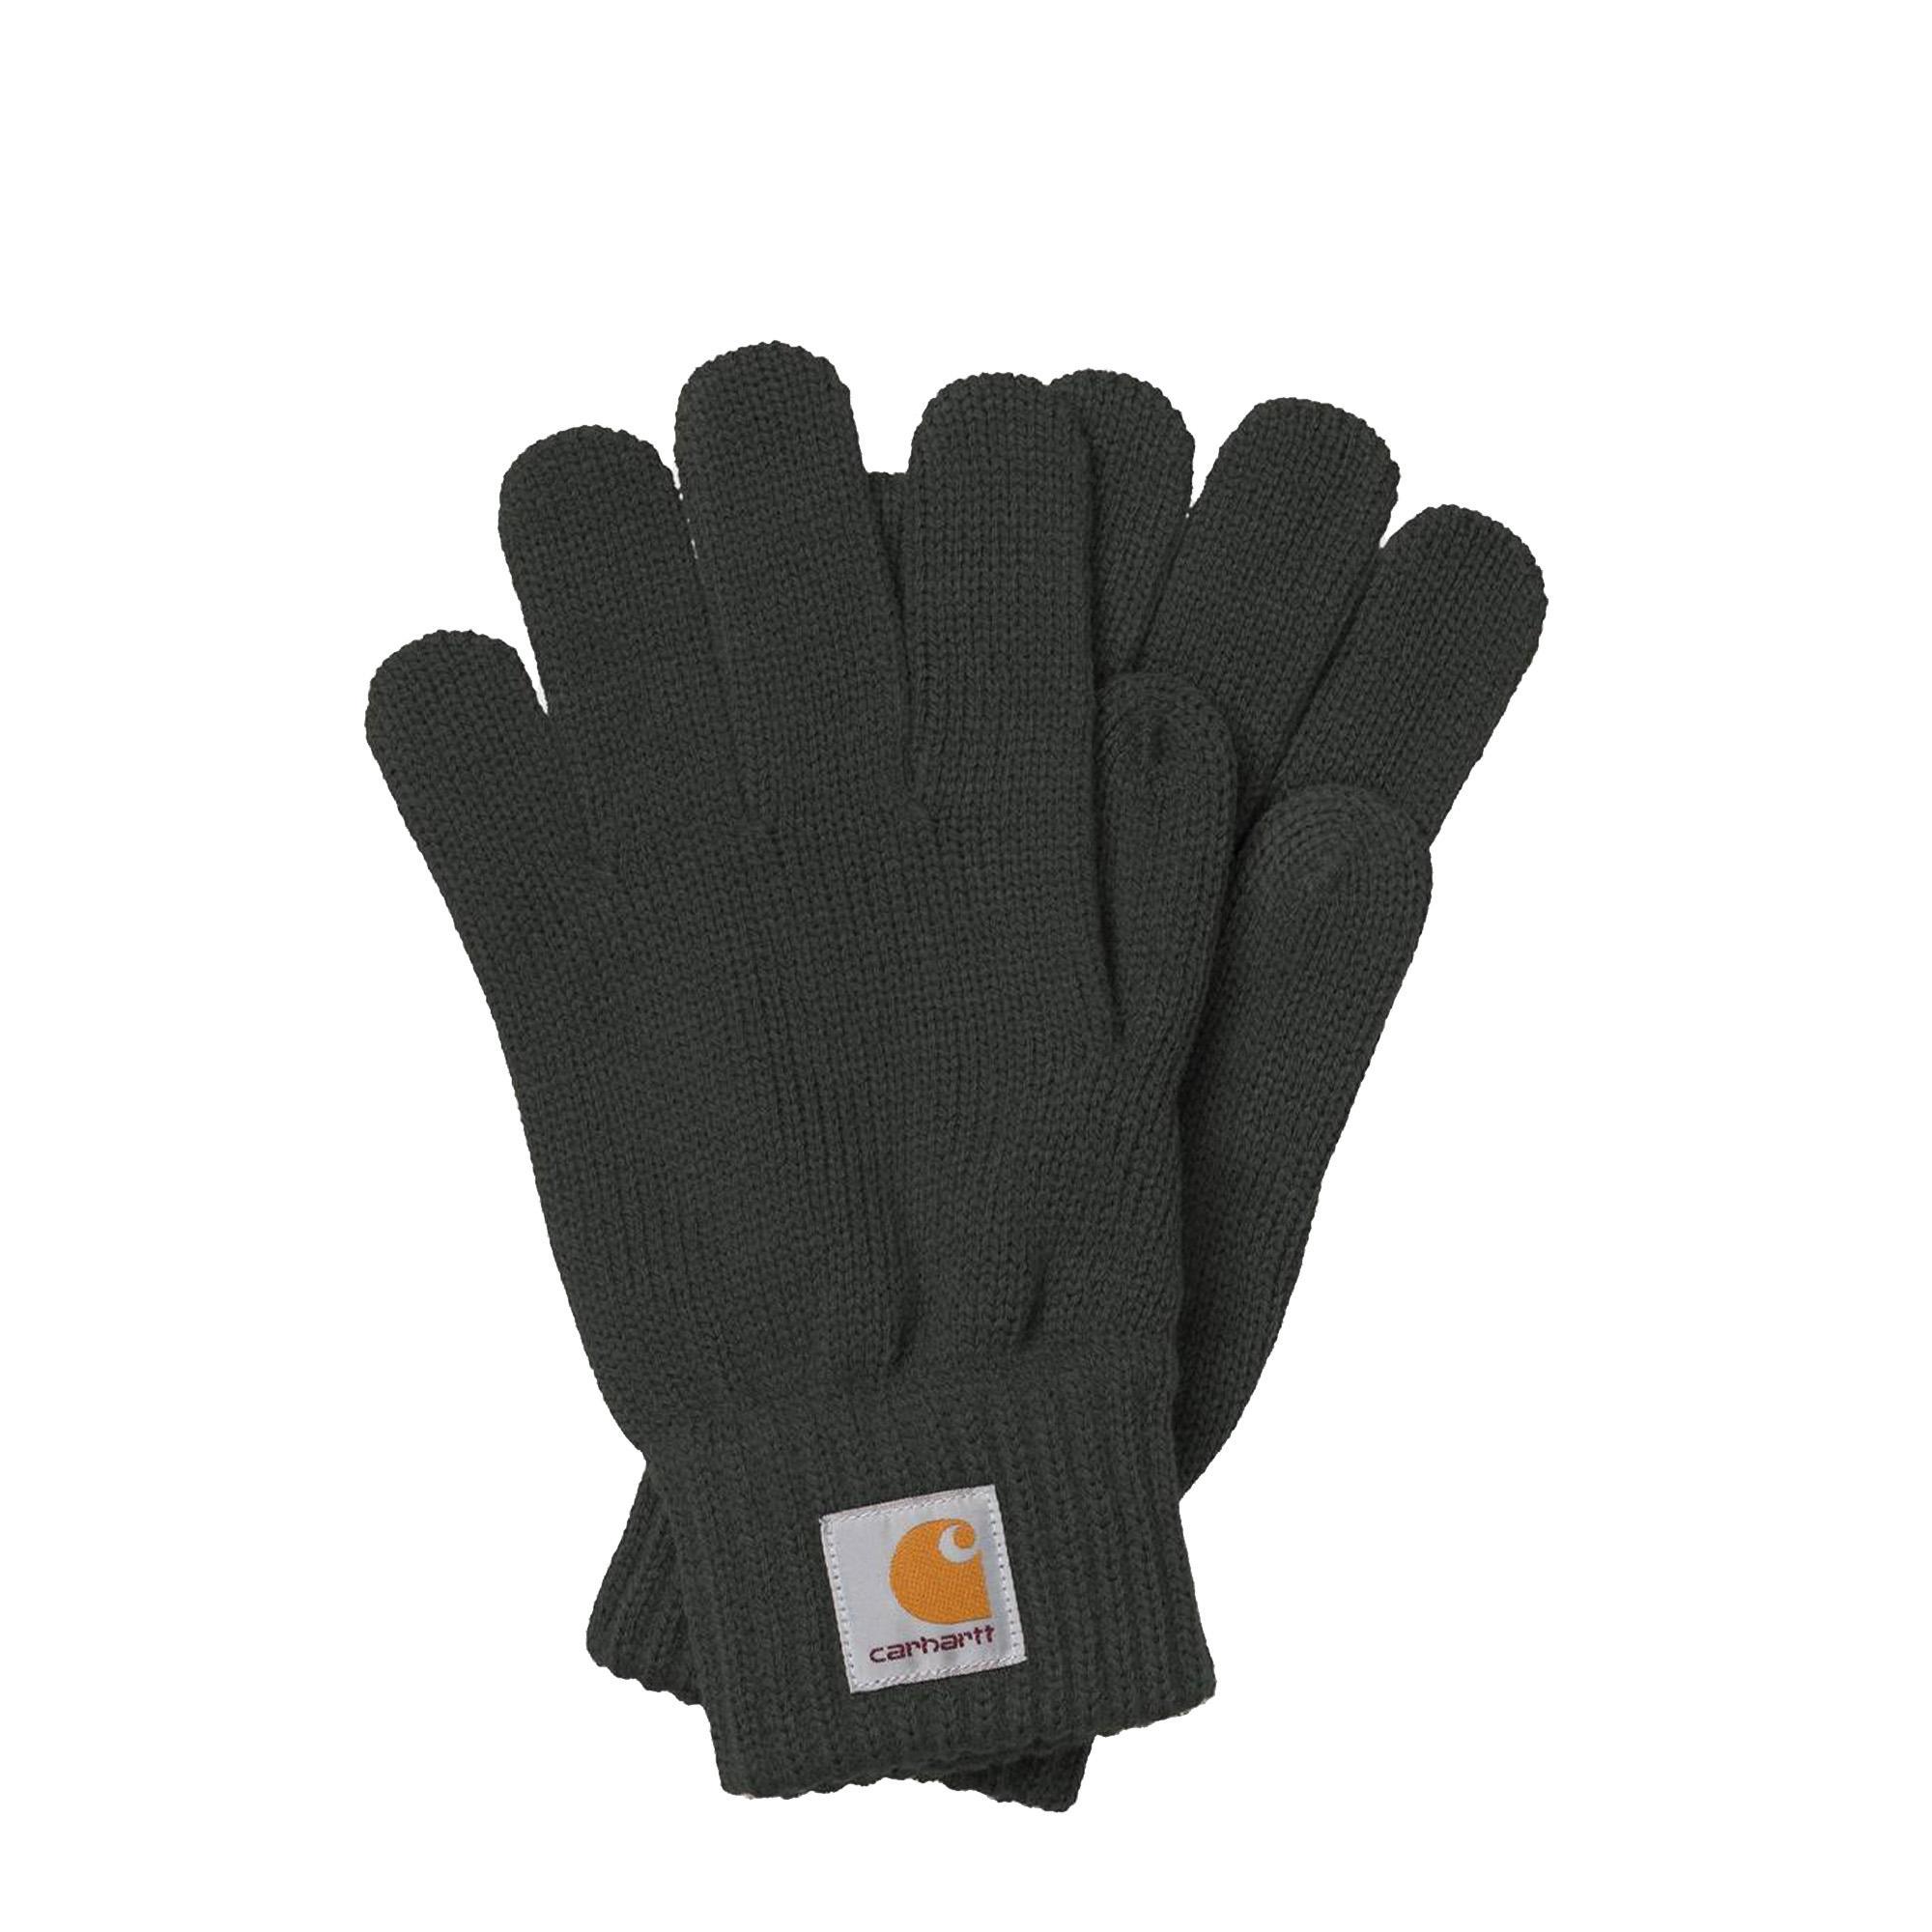 Carhartt Watch Gloves BLACKSMITH